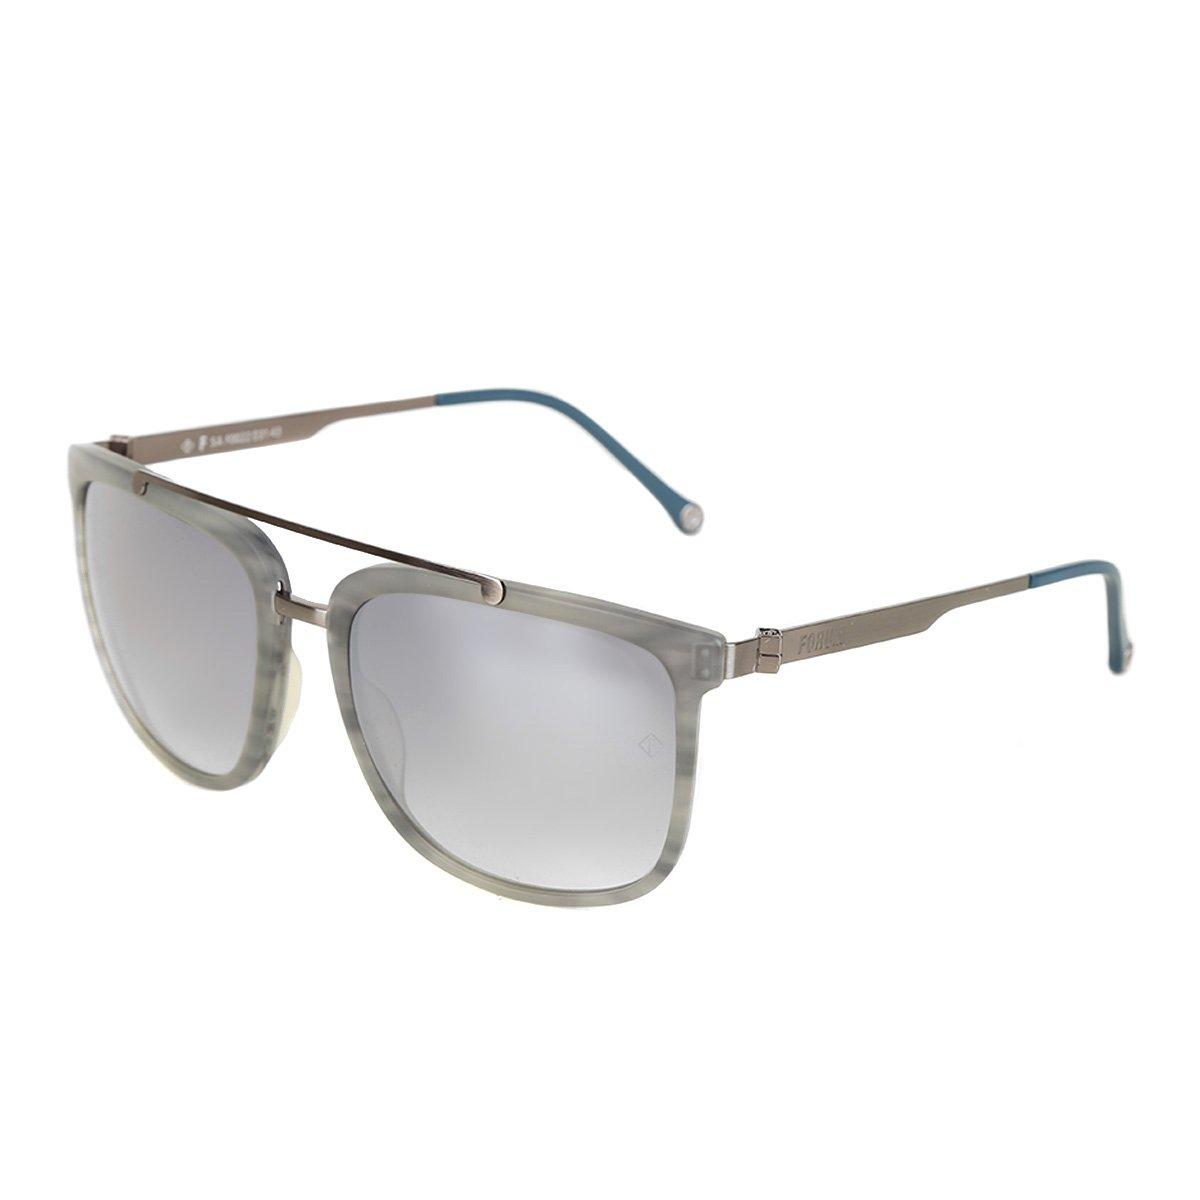 a39cadbcd0756 Óculos de Sol Forum F0022 com Lente Degradê Masculino - Compre Agora ...